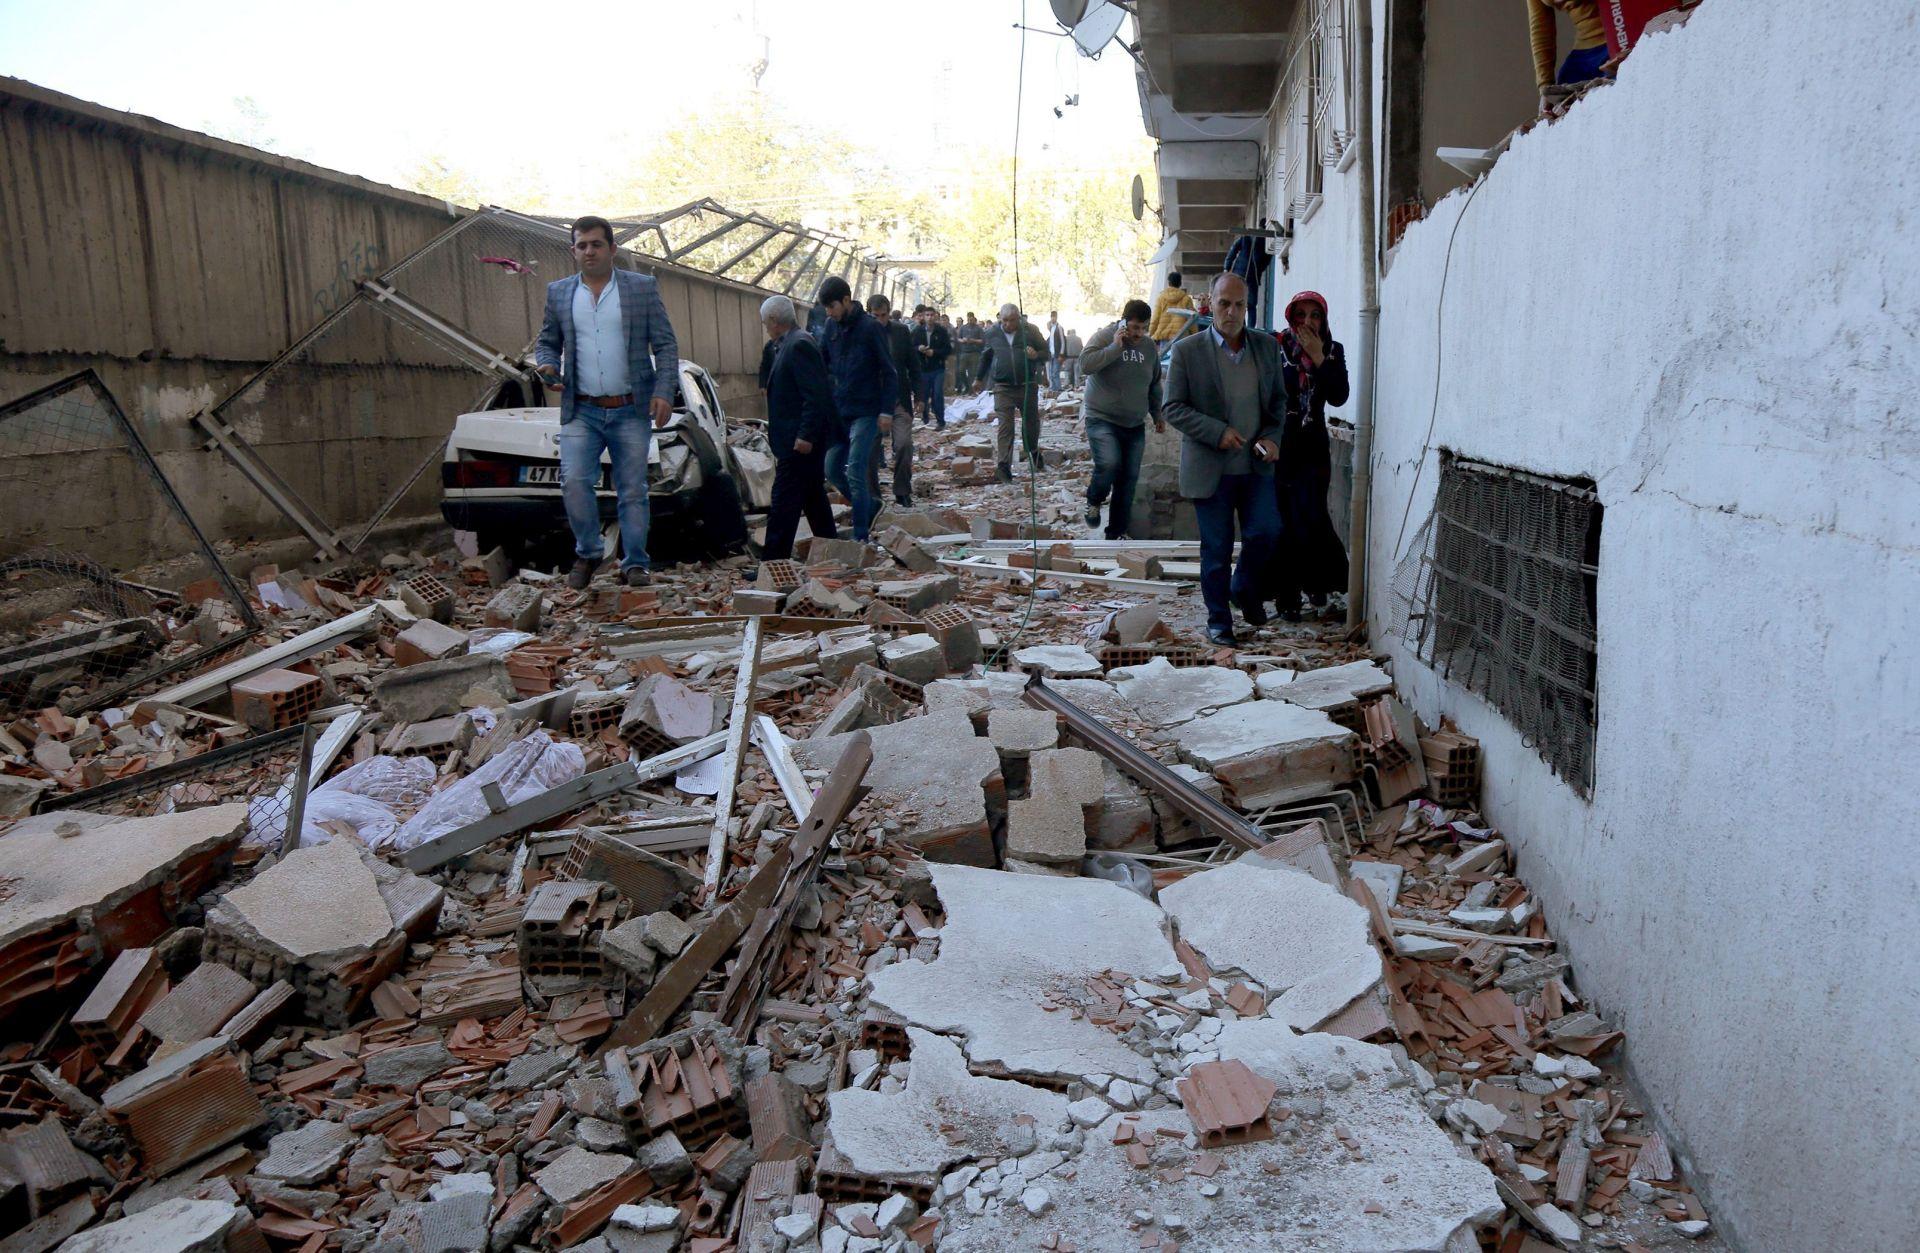 VIŠE OD 40 OZLIJEĐENIH: Automobil-bomba u Diyarbakiru nakon uhićenja čelnika HDP-a